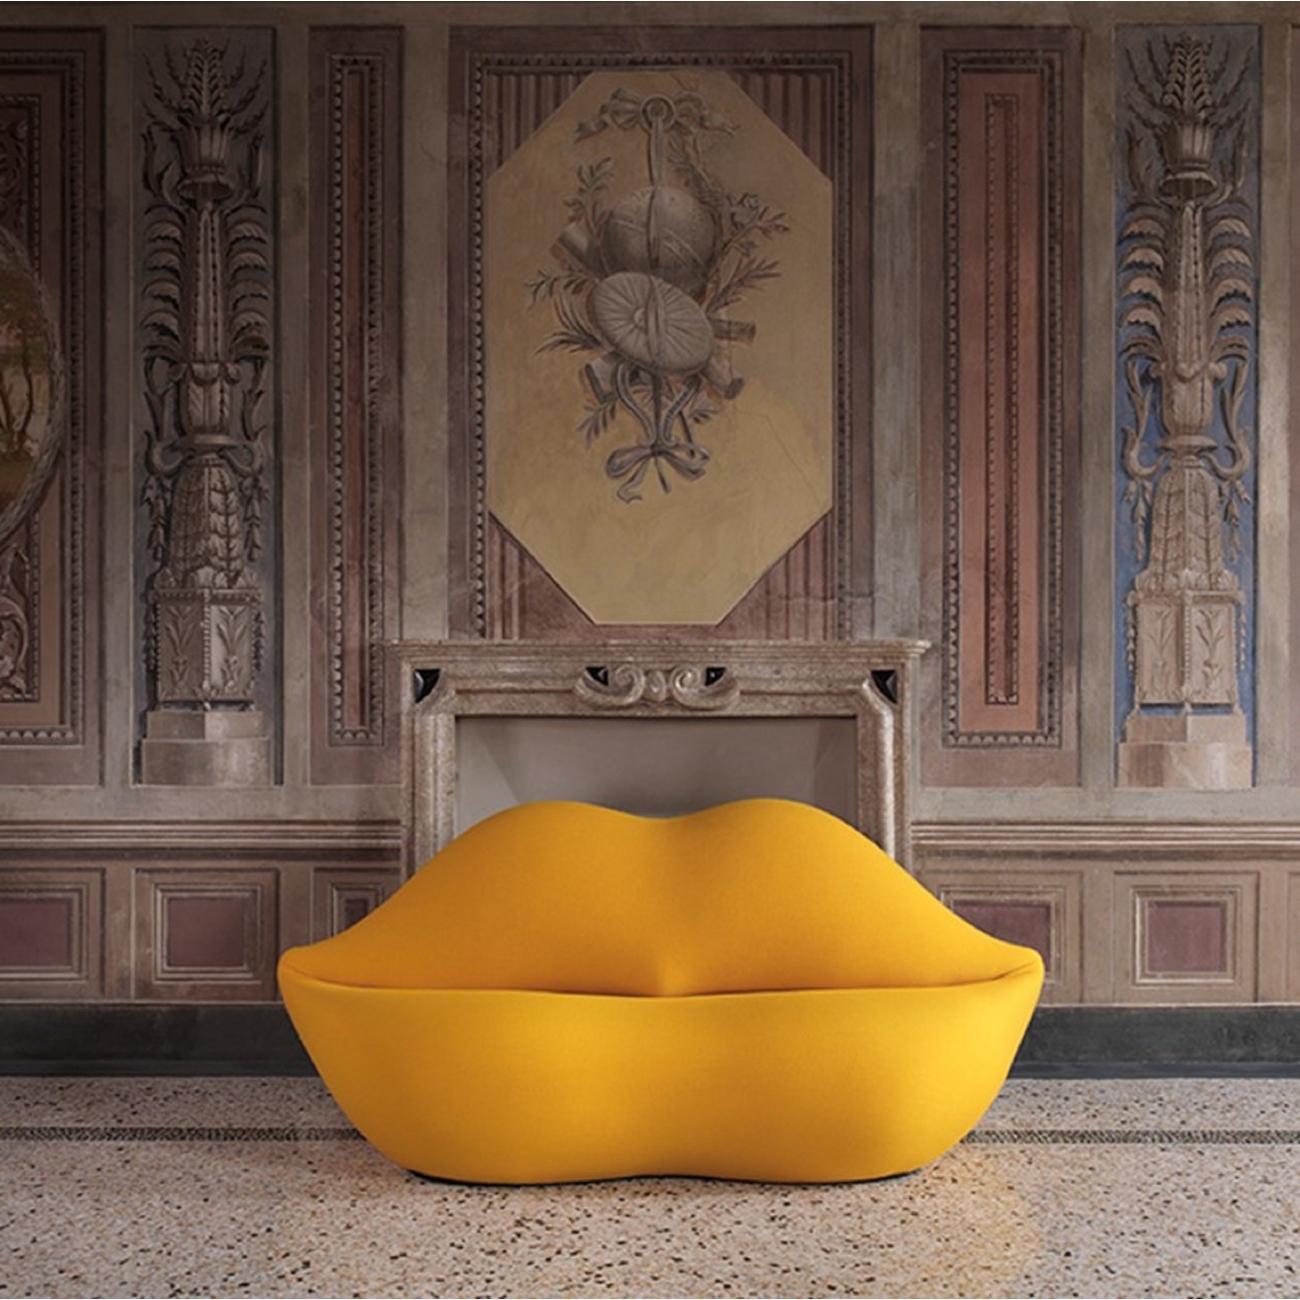 Gufram Bocca Sofa Unlimited YELLOW 109